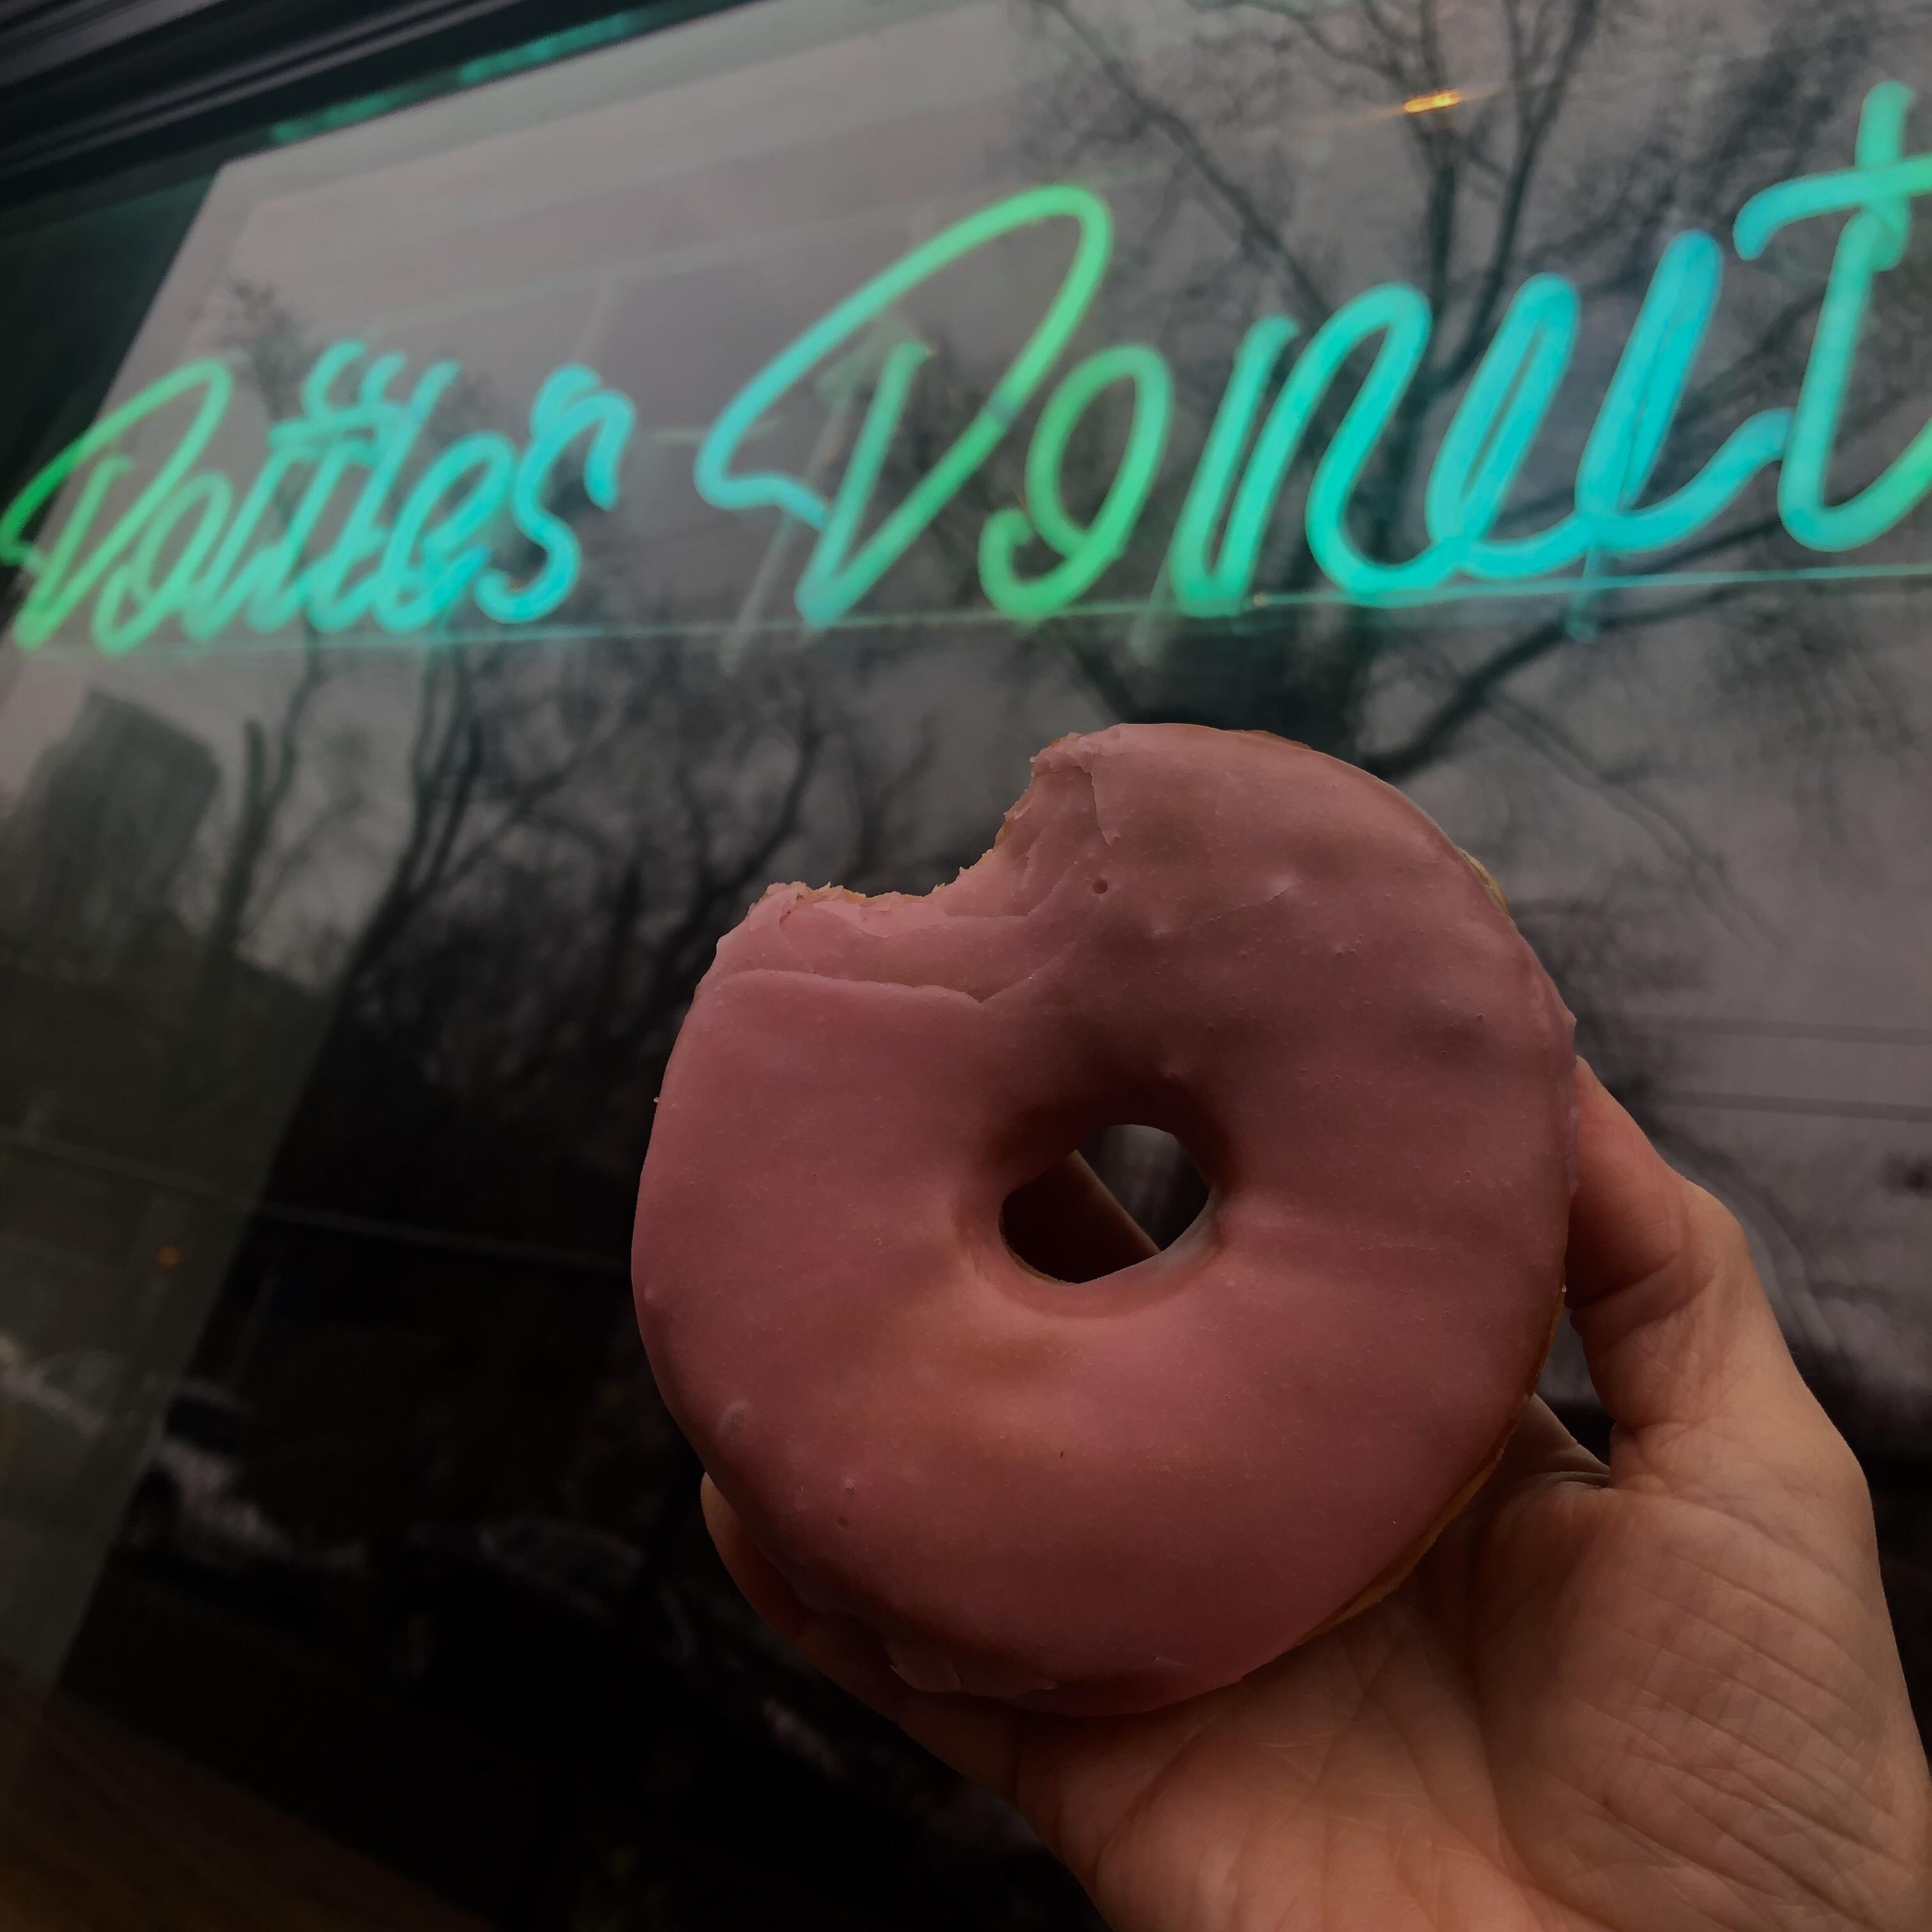 Dottie's Donuts Philadelphia